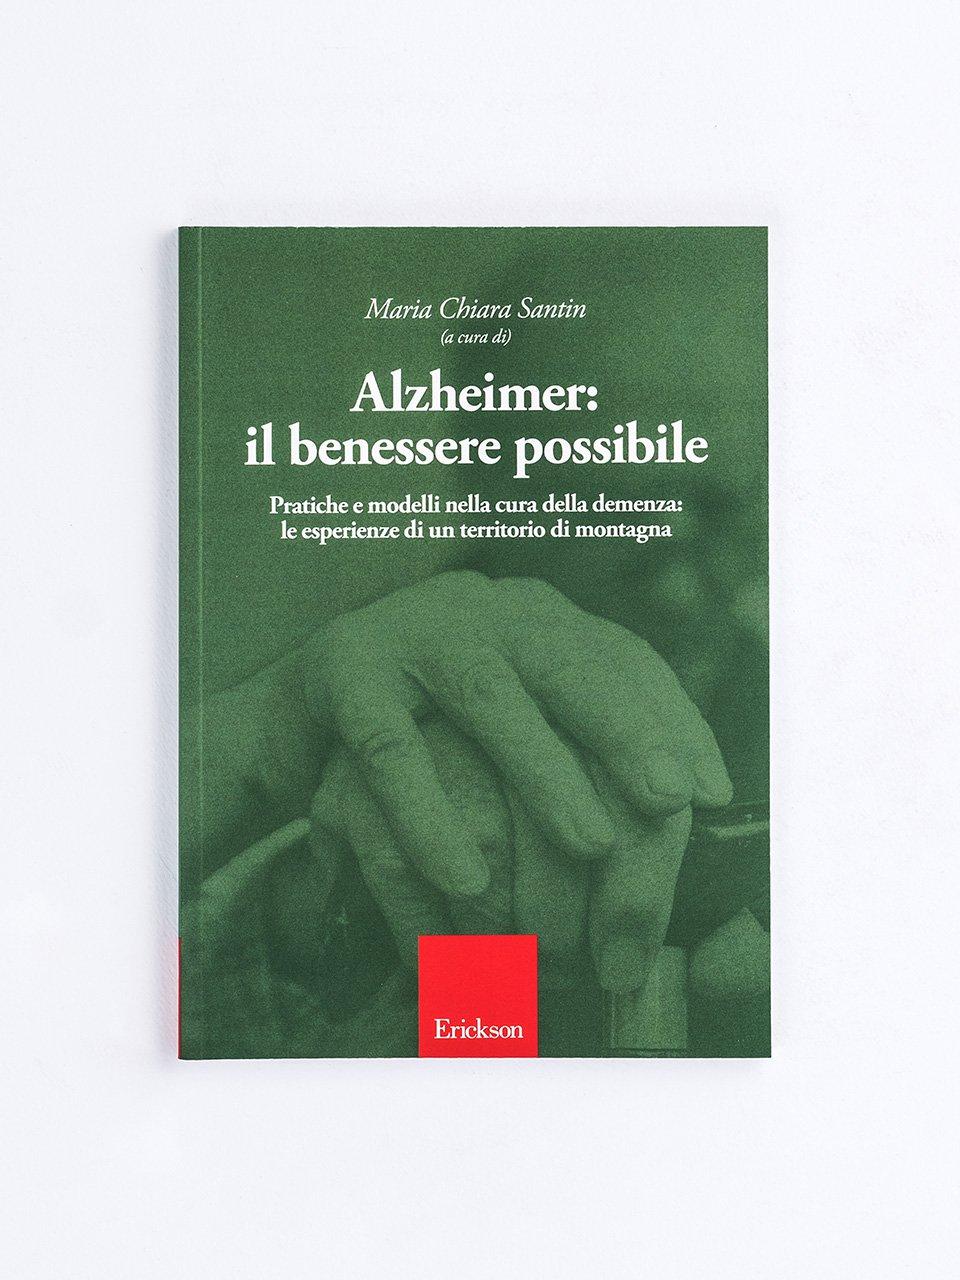 Alzheimer: il benessere possibile - Psicologia clinica / Psicoterapia - Erickson